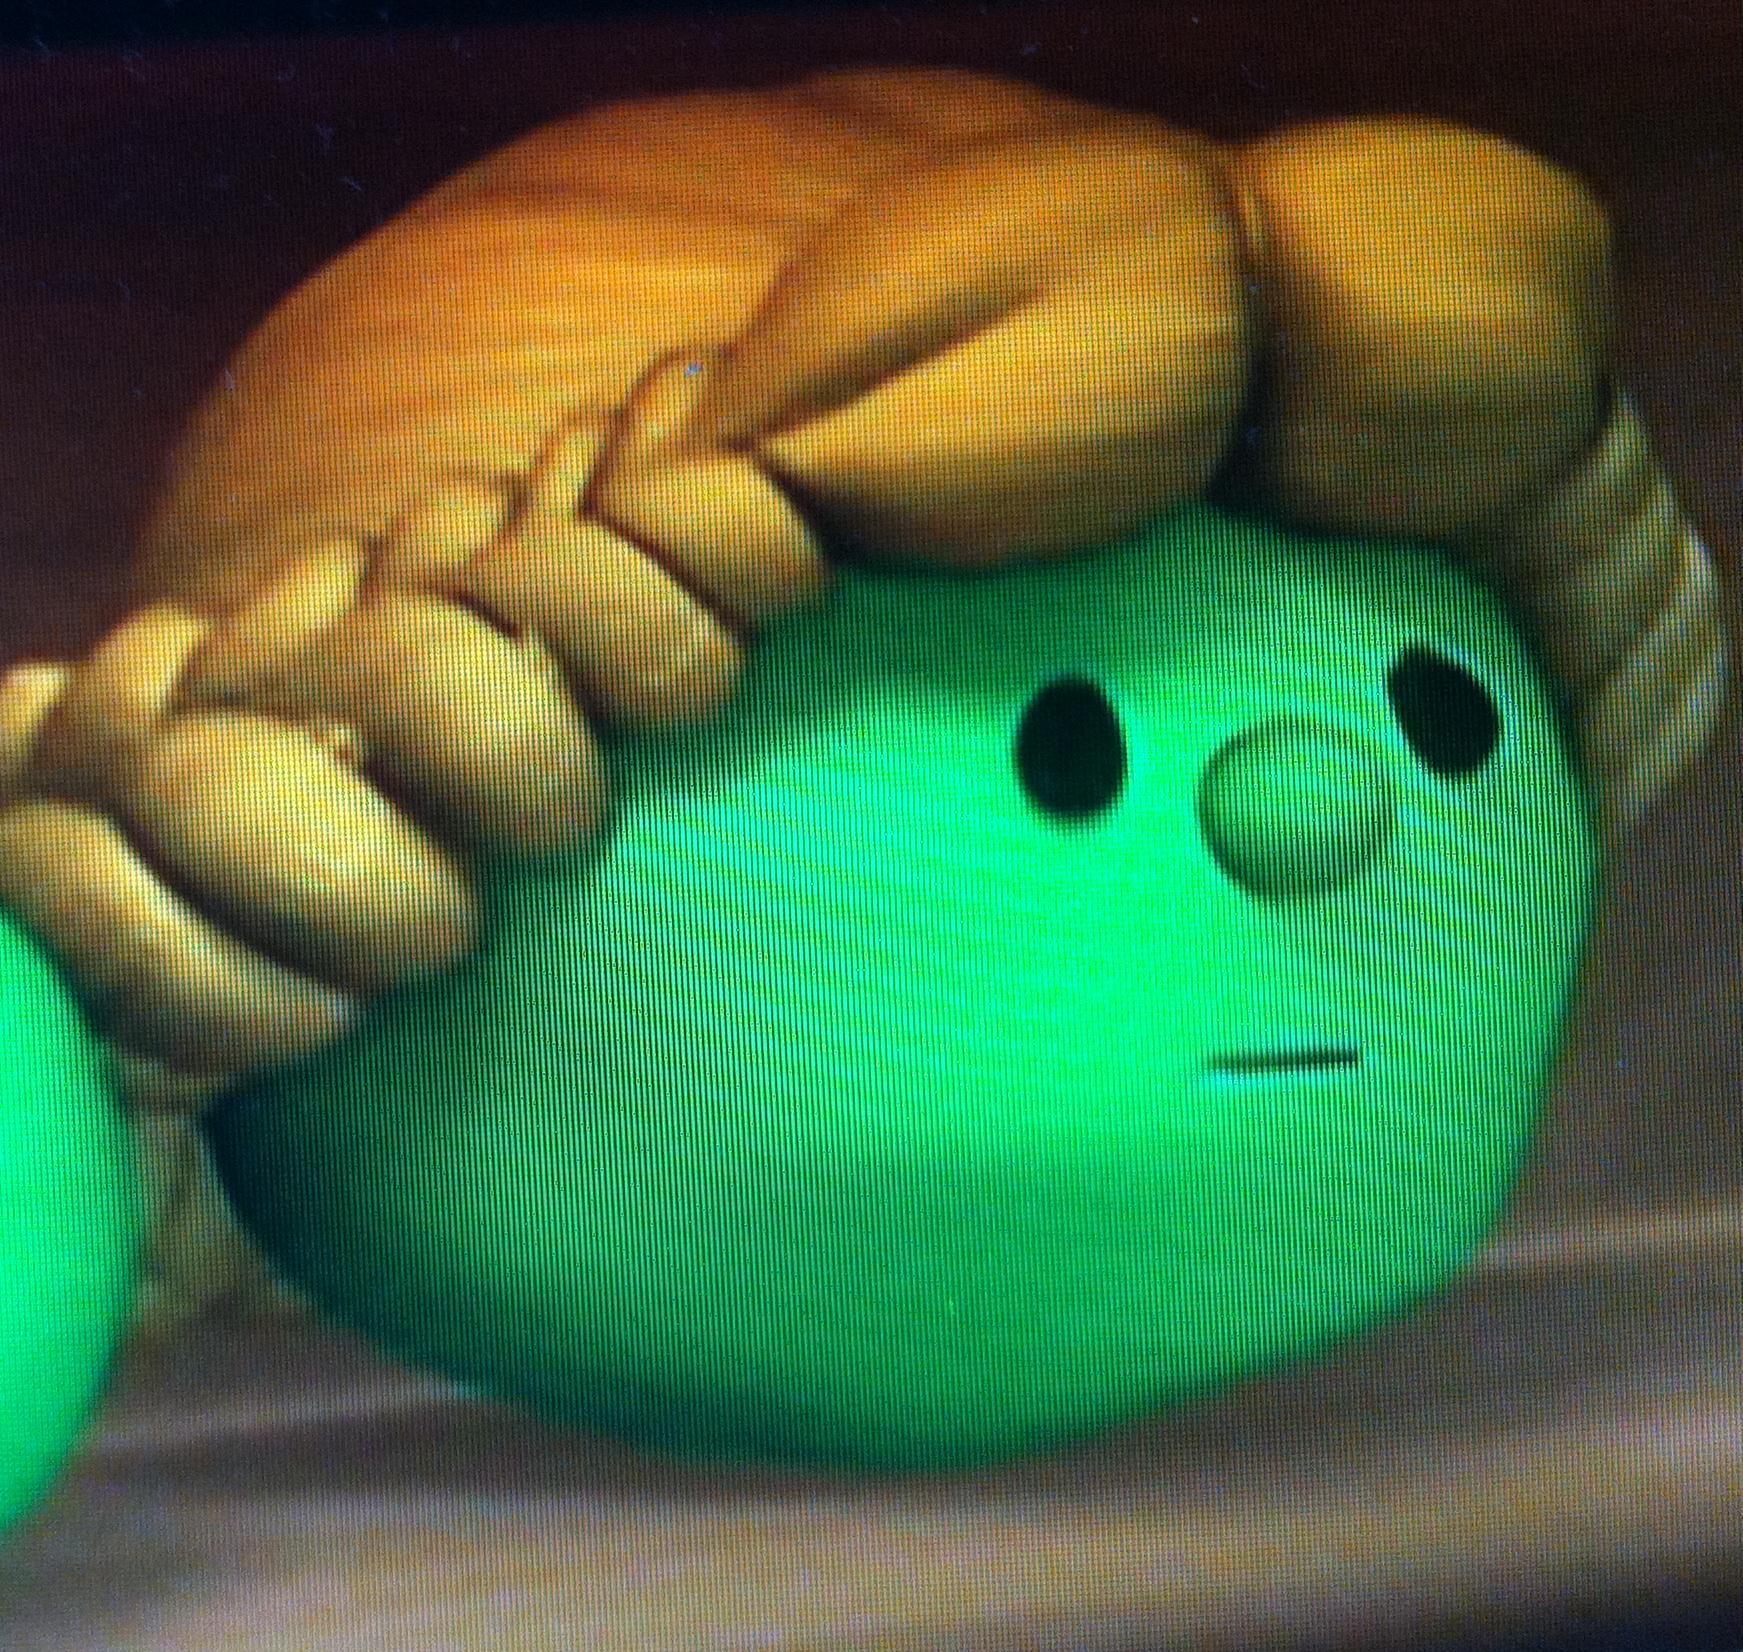 Mom Pea | VeggieTales - It's For the Kids! Wiki | FANDOM